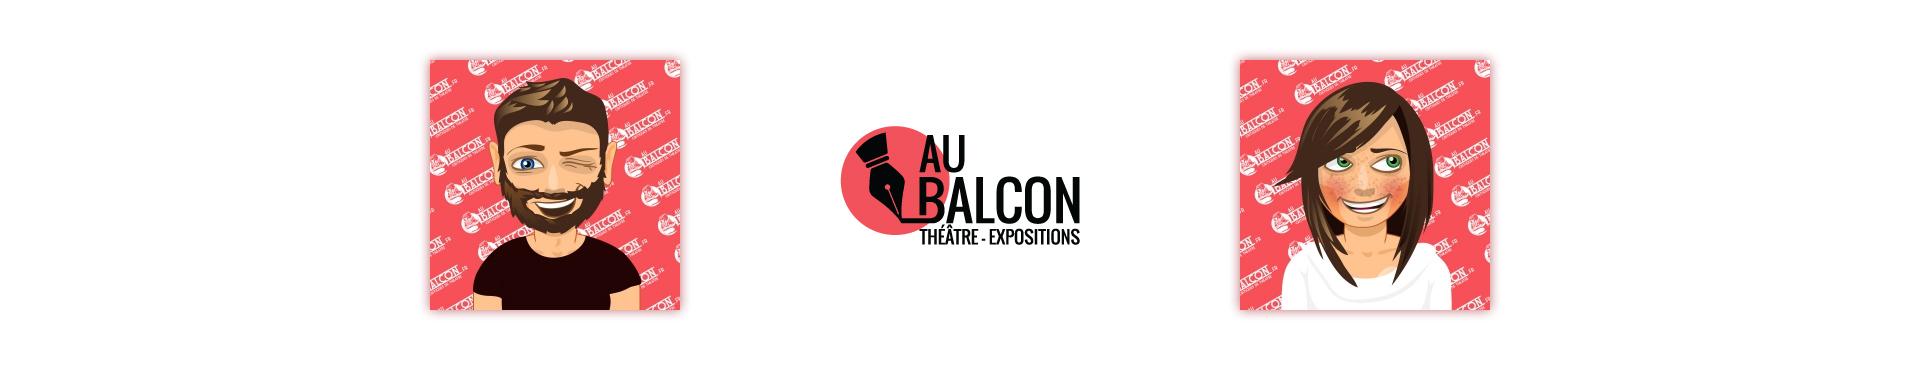 Au Balcon : interview de Pierre, cofondateur du site de critiques théâtrales indépendantes